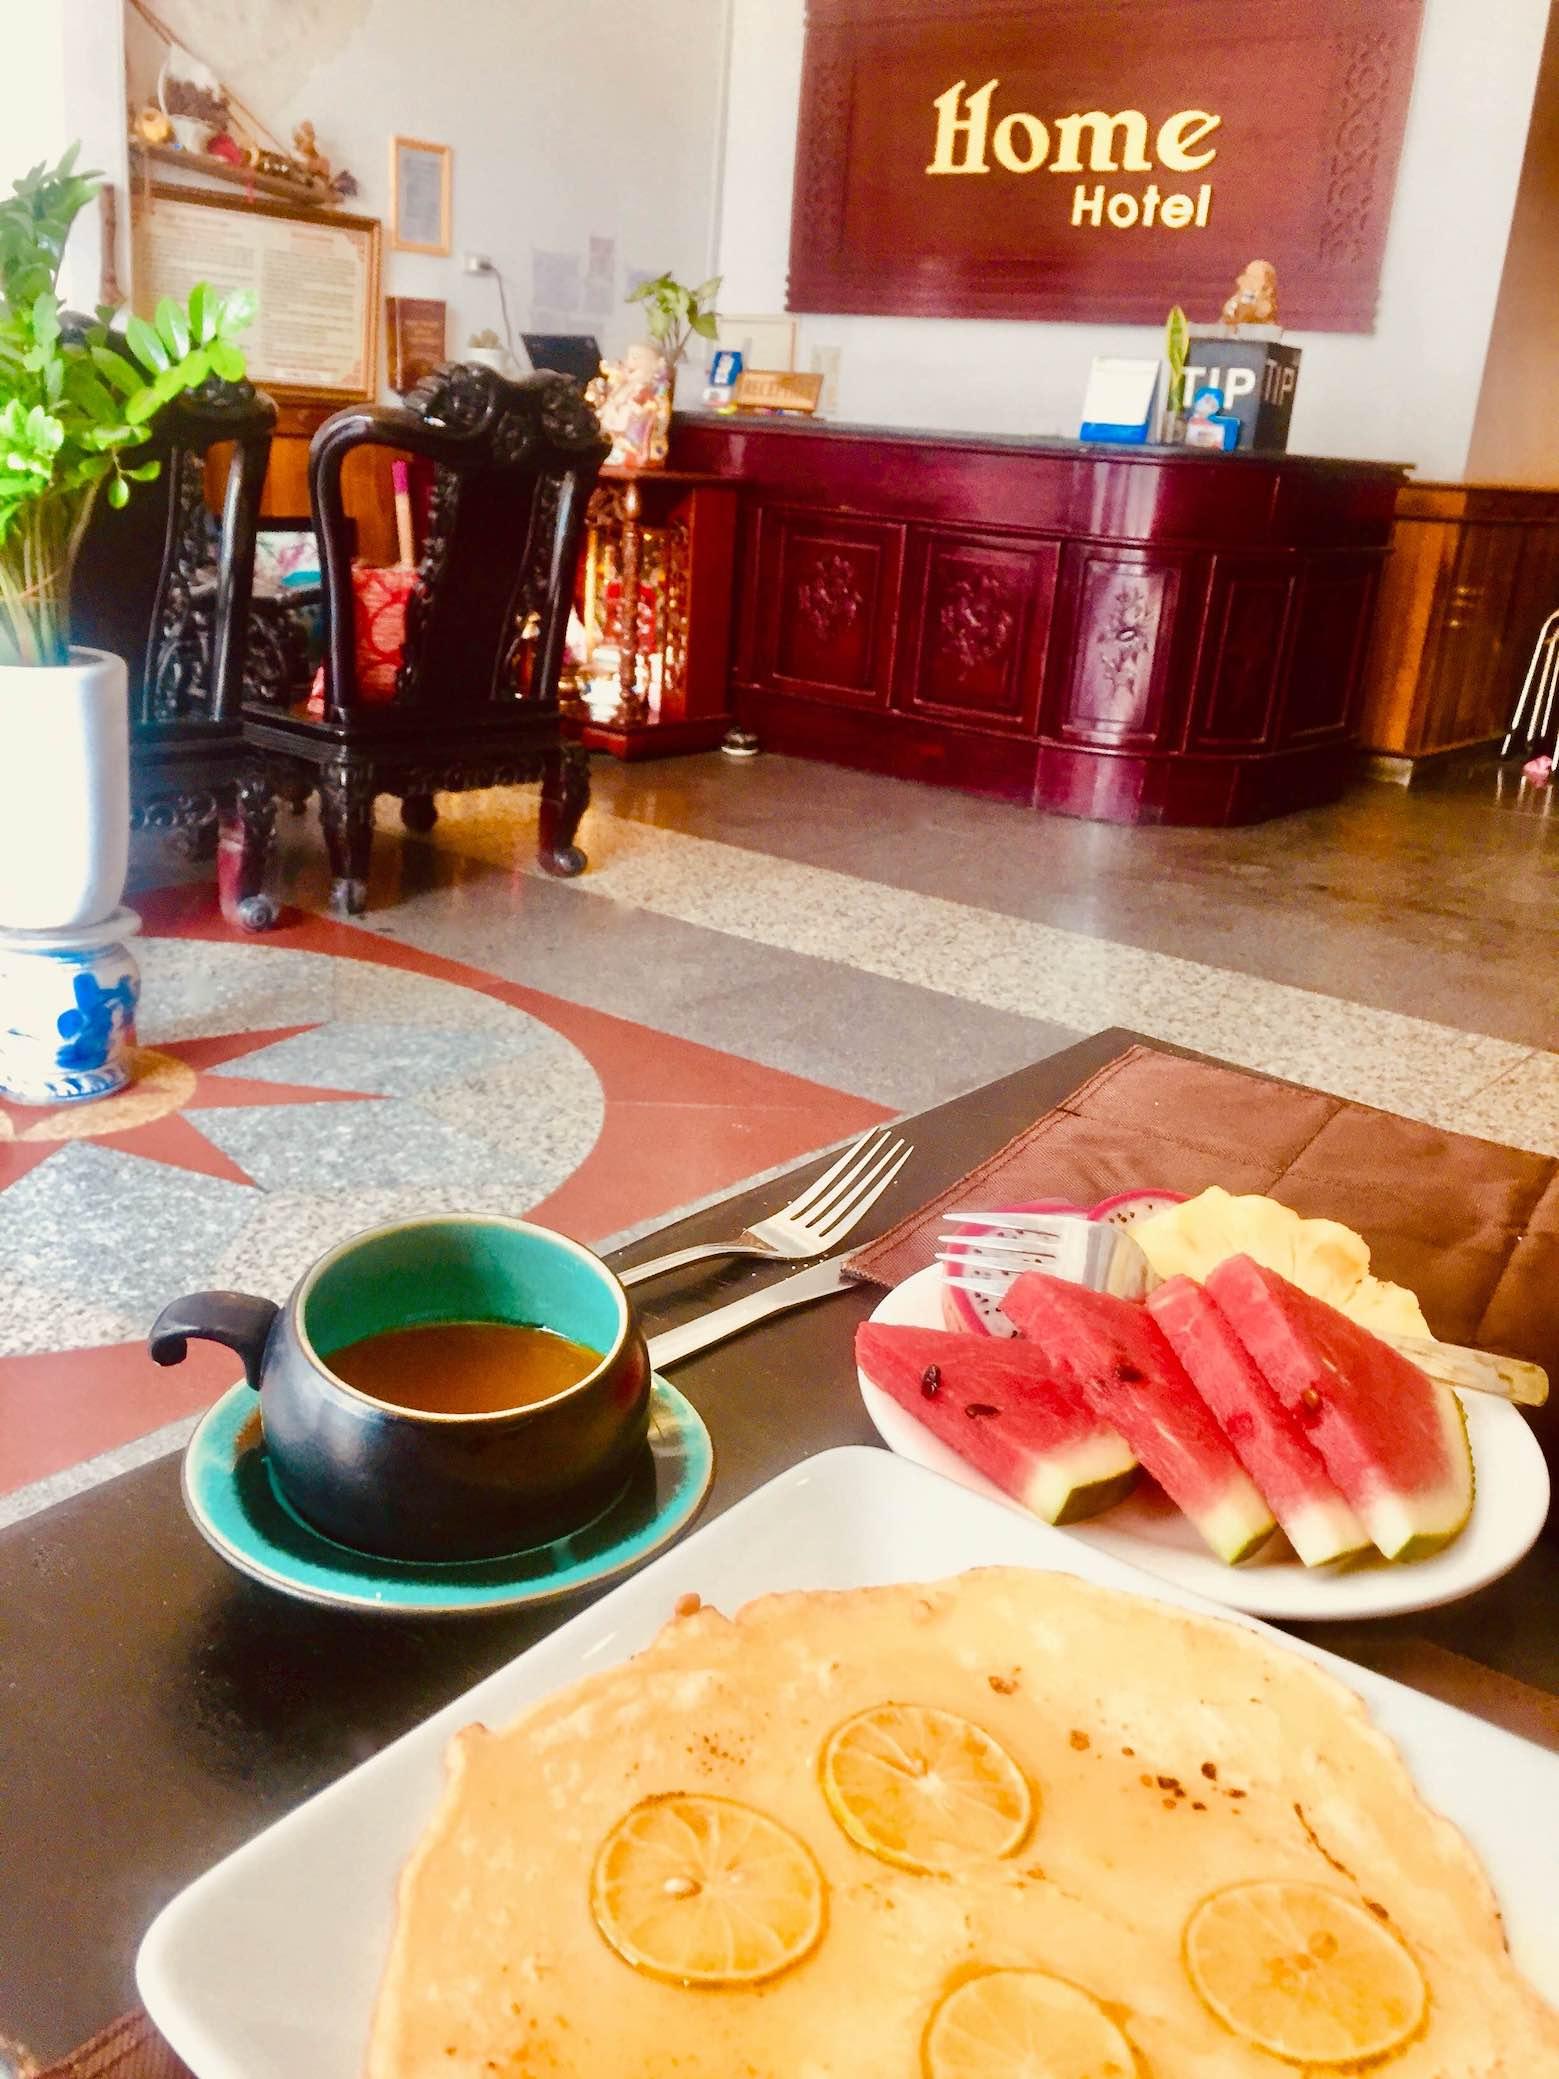 Home Hotel Hue Vietnam.